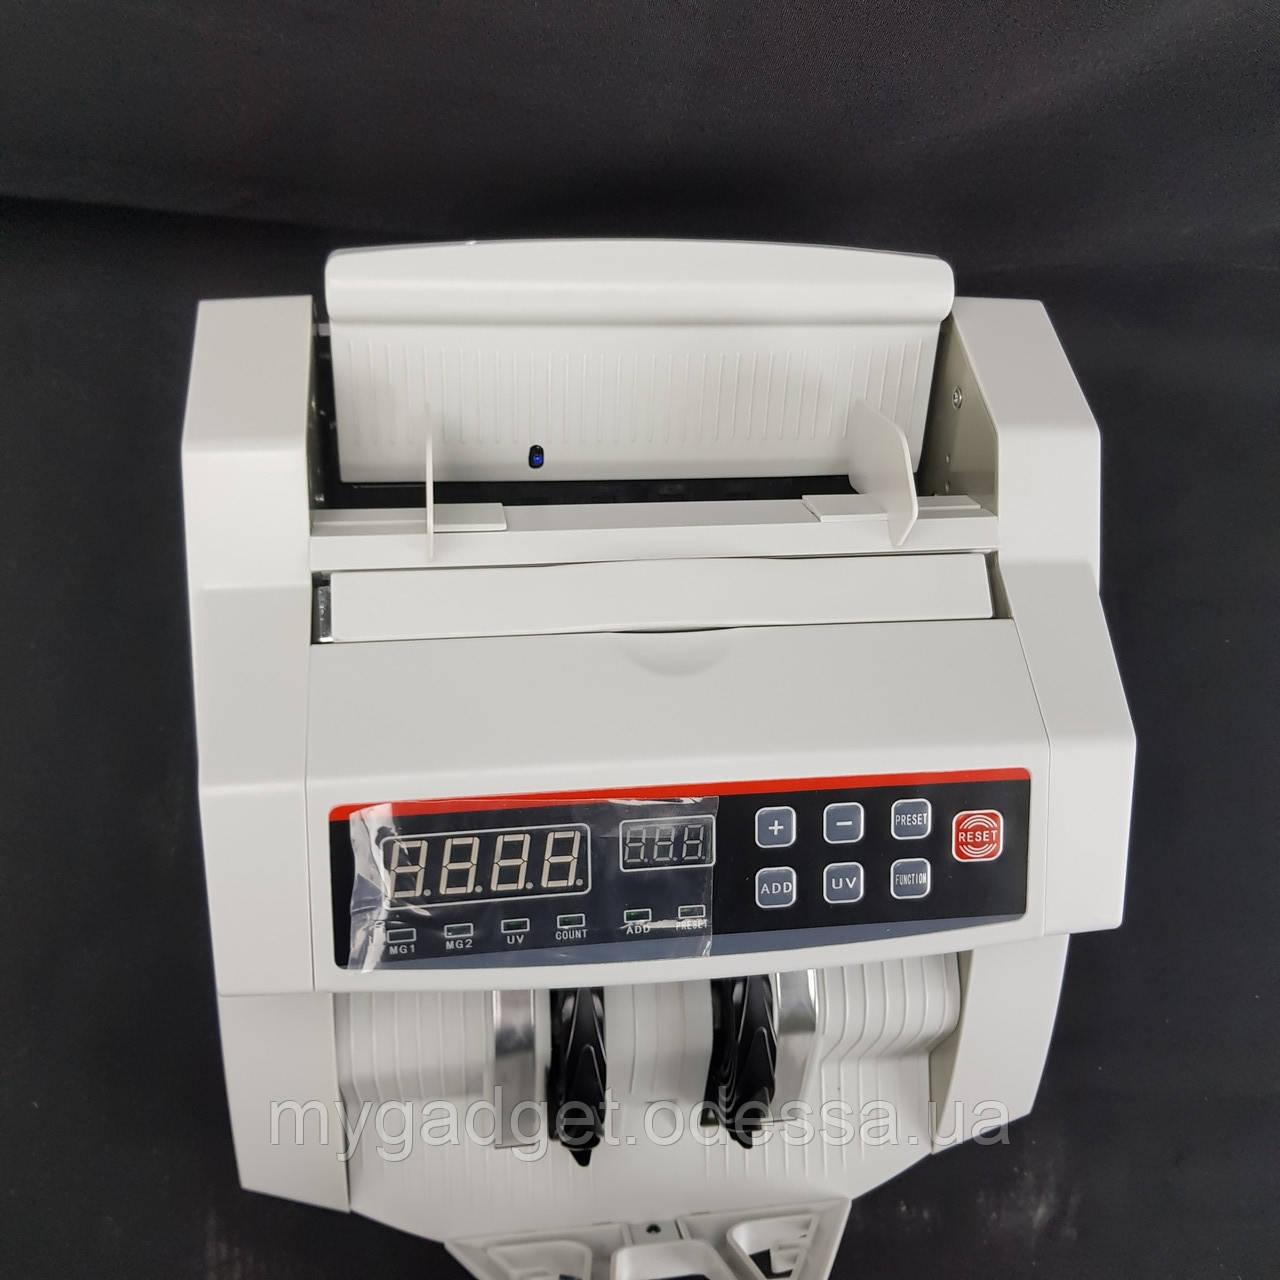 Счетная машинка с детектором банкнот BILL COUNTER 2108 Original   Машинка для счета денег, счетчик